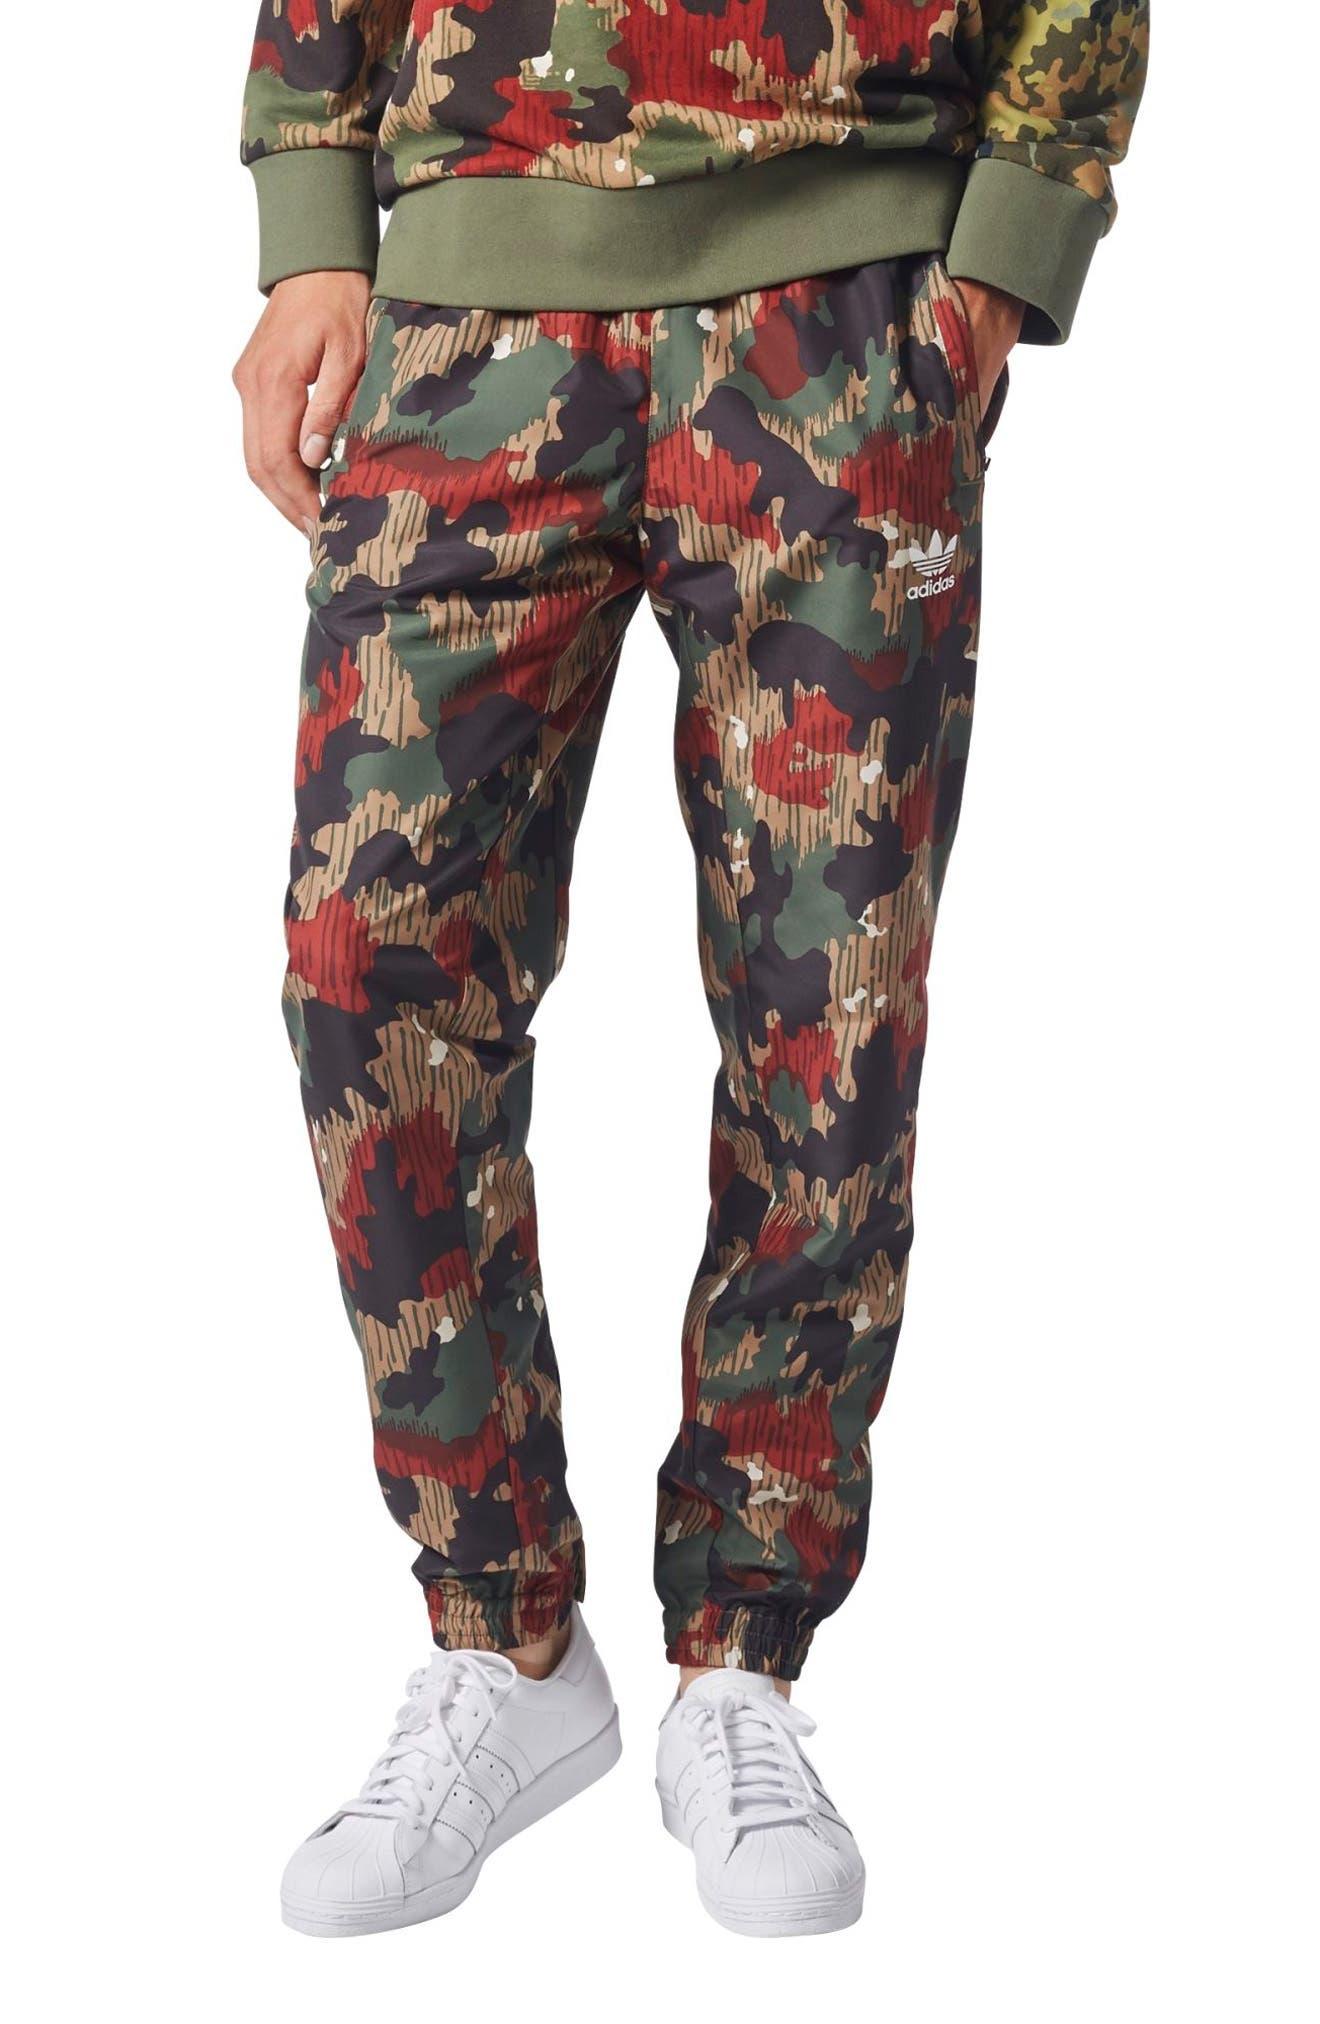 Pantalones pitillo 10780 adidas hombres baratos> OFF74% El más catálogo adidas más grande Descuentos 87c74e8 - allpoints.host